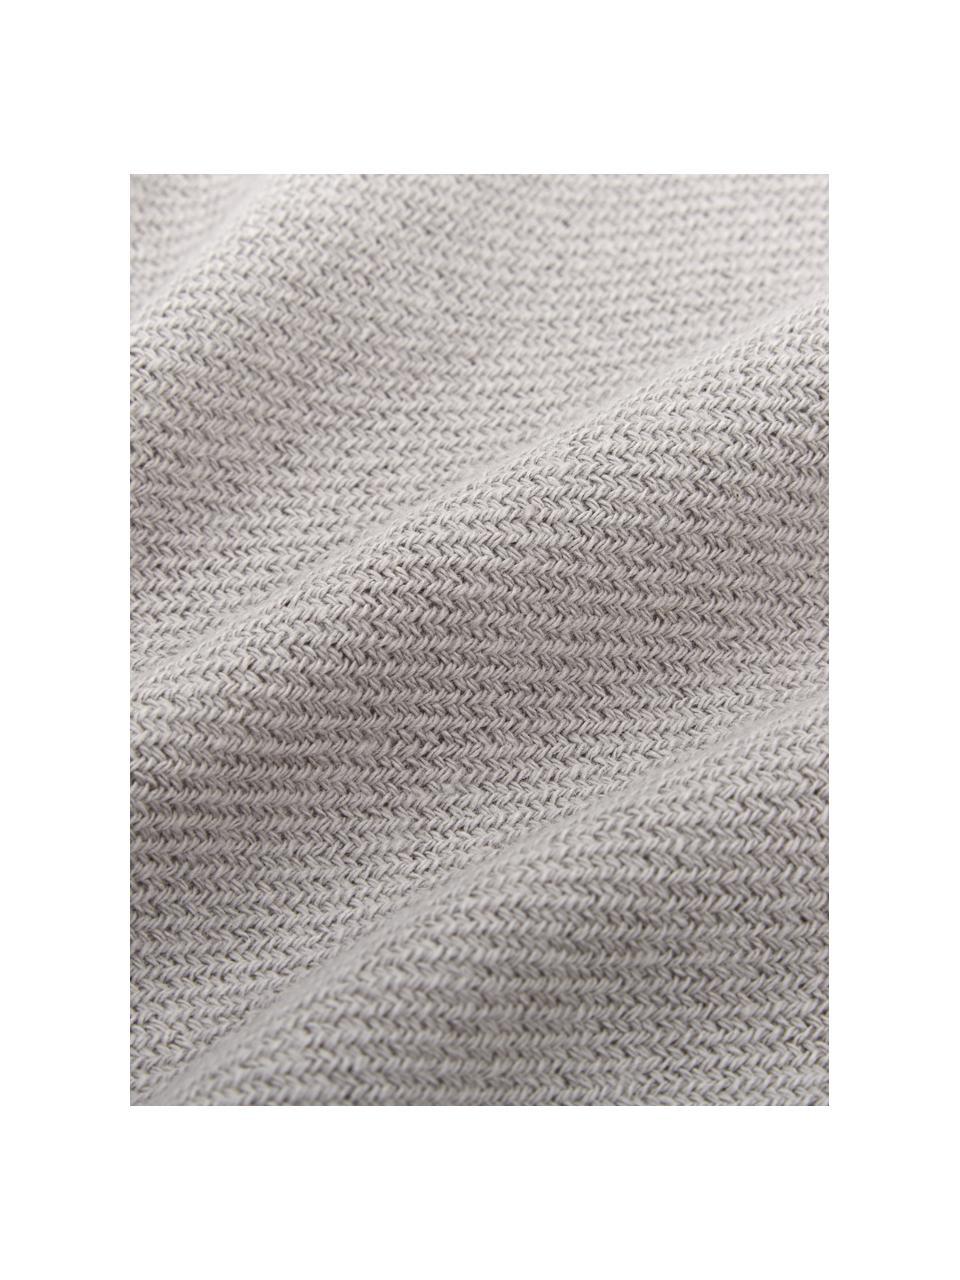 Einfarbige Baumwolldecke Madison in Hellgrau mit Fransenabschluss, 100% Baumwolle, Hellgrau, 140 x 170 cm